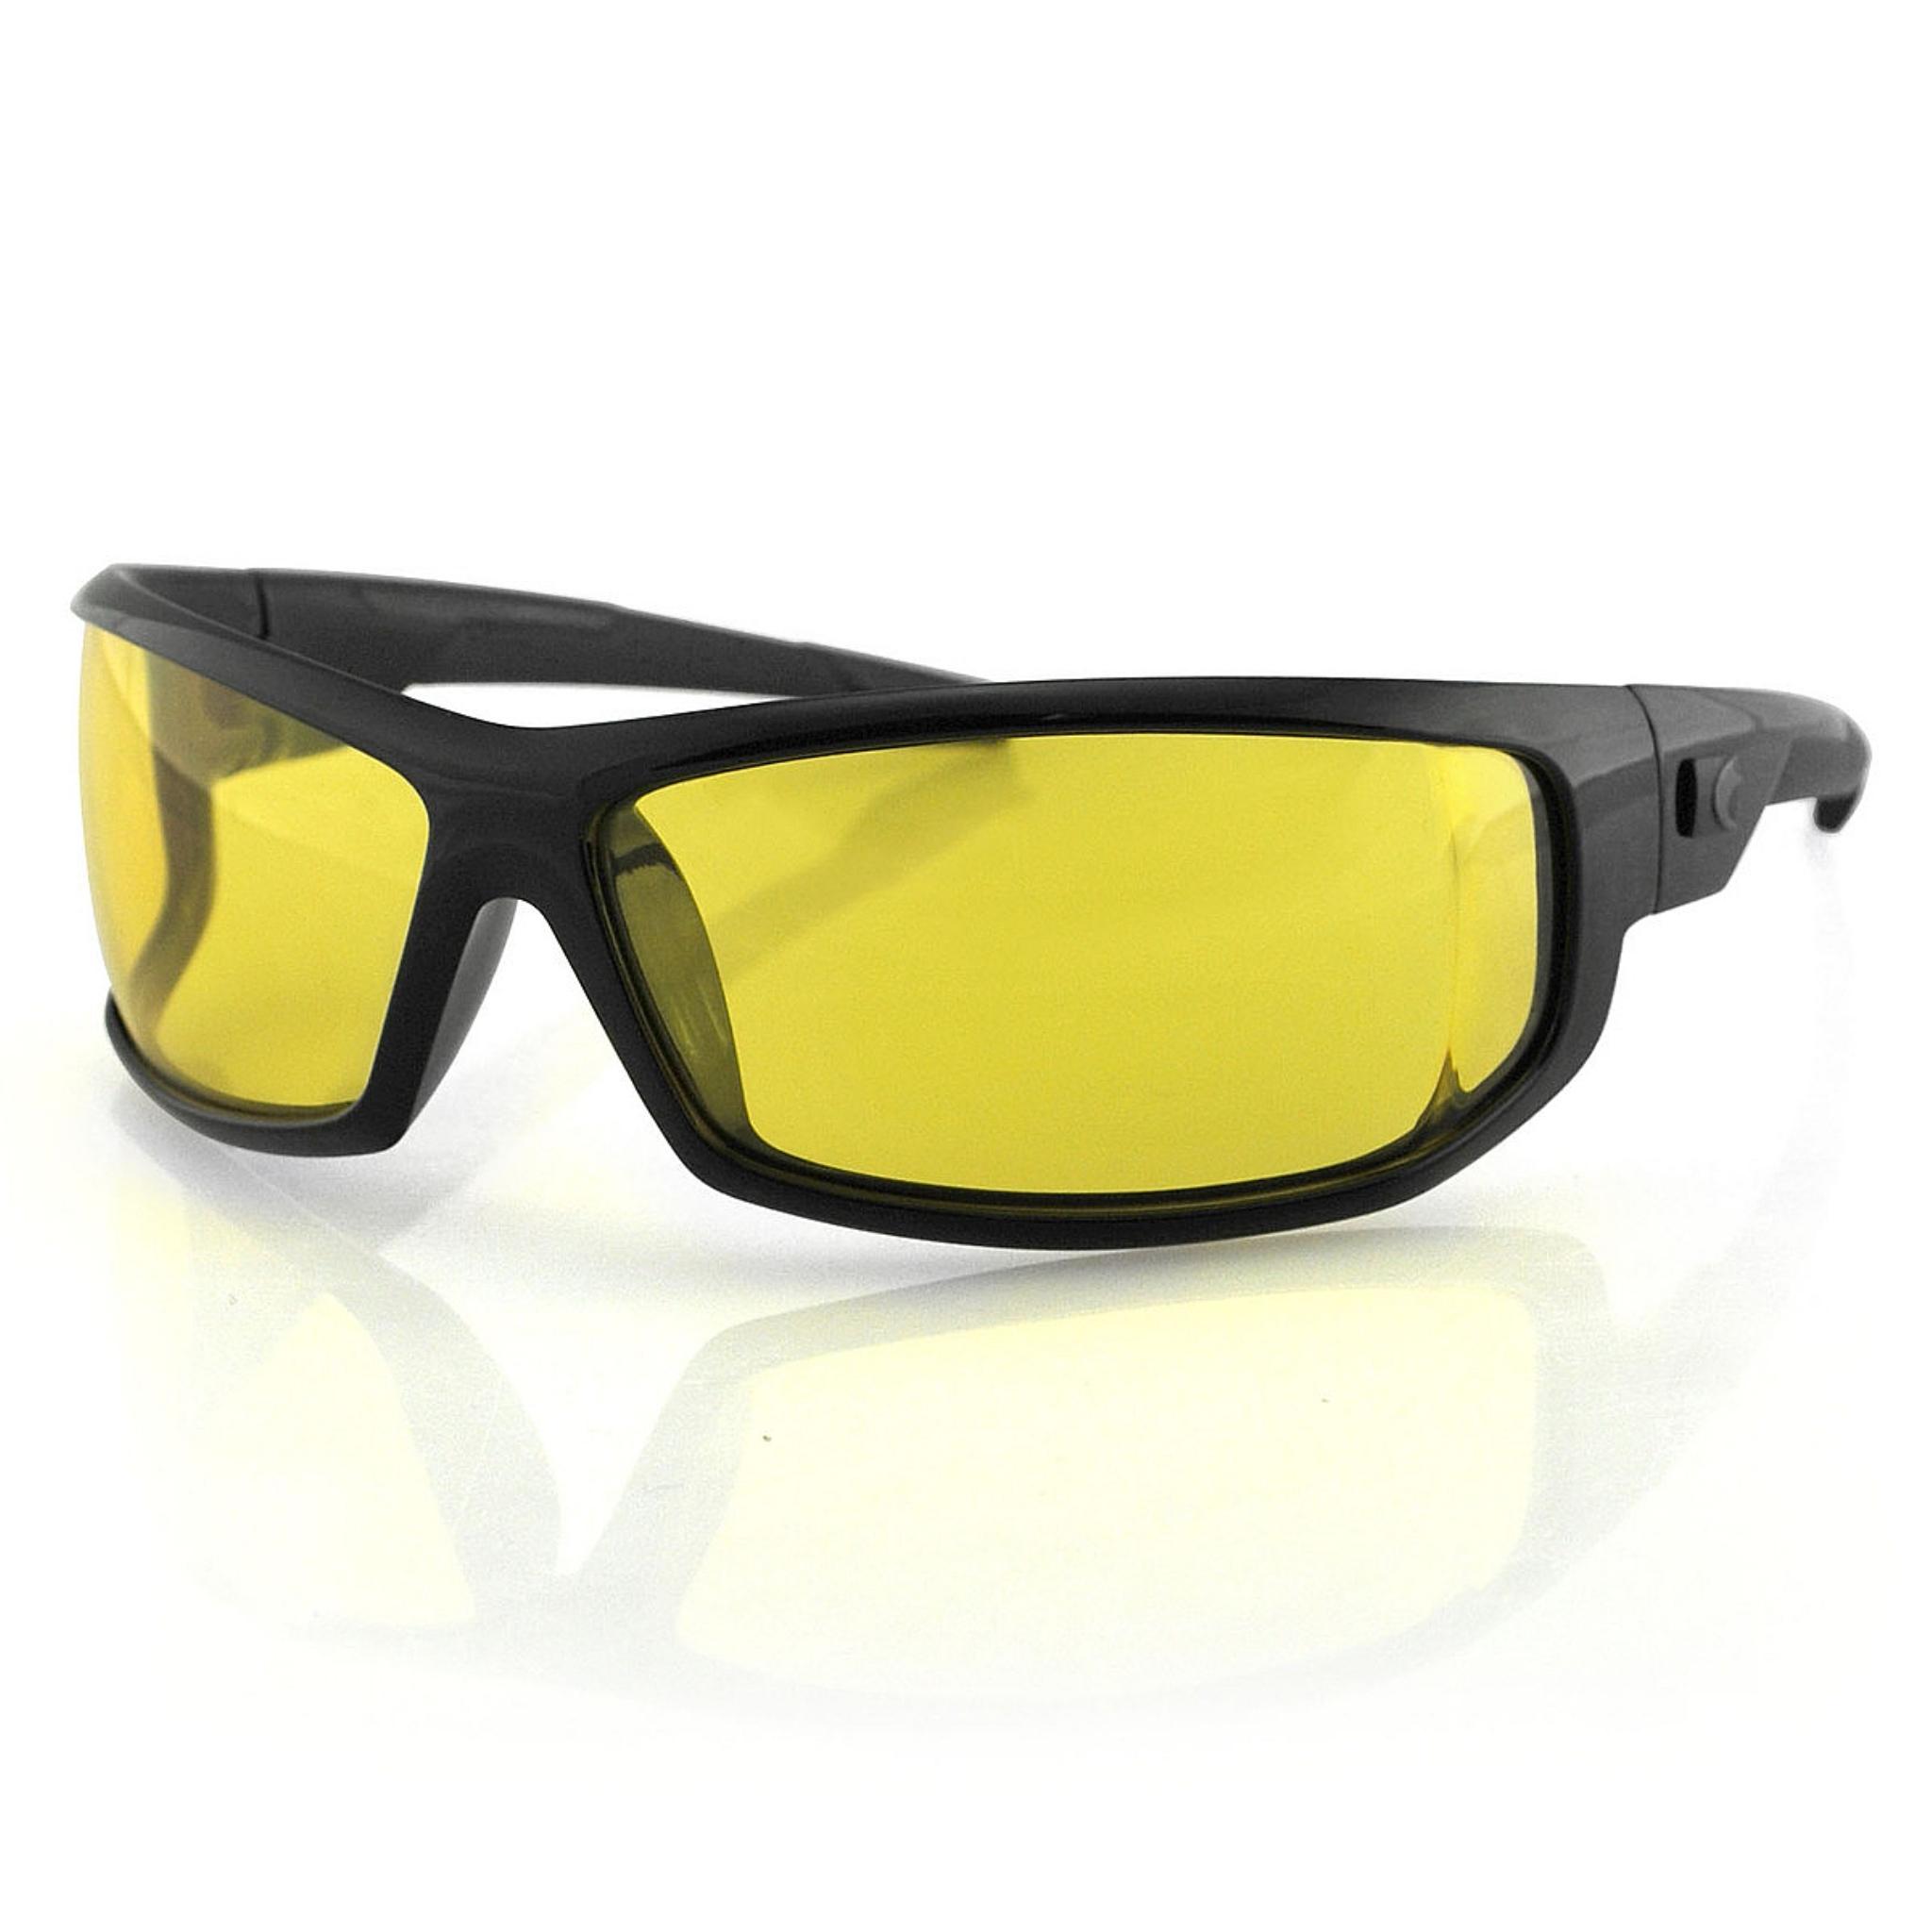 Очки AXL чёрные с жёлтыми линзами ANTIFOG